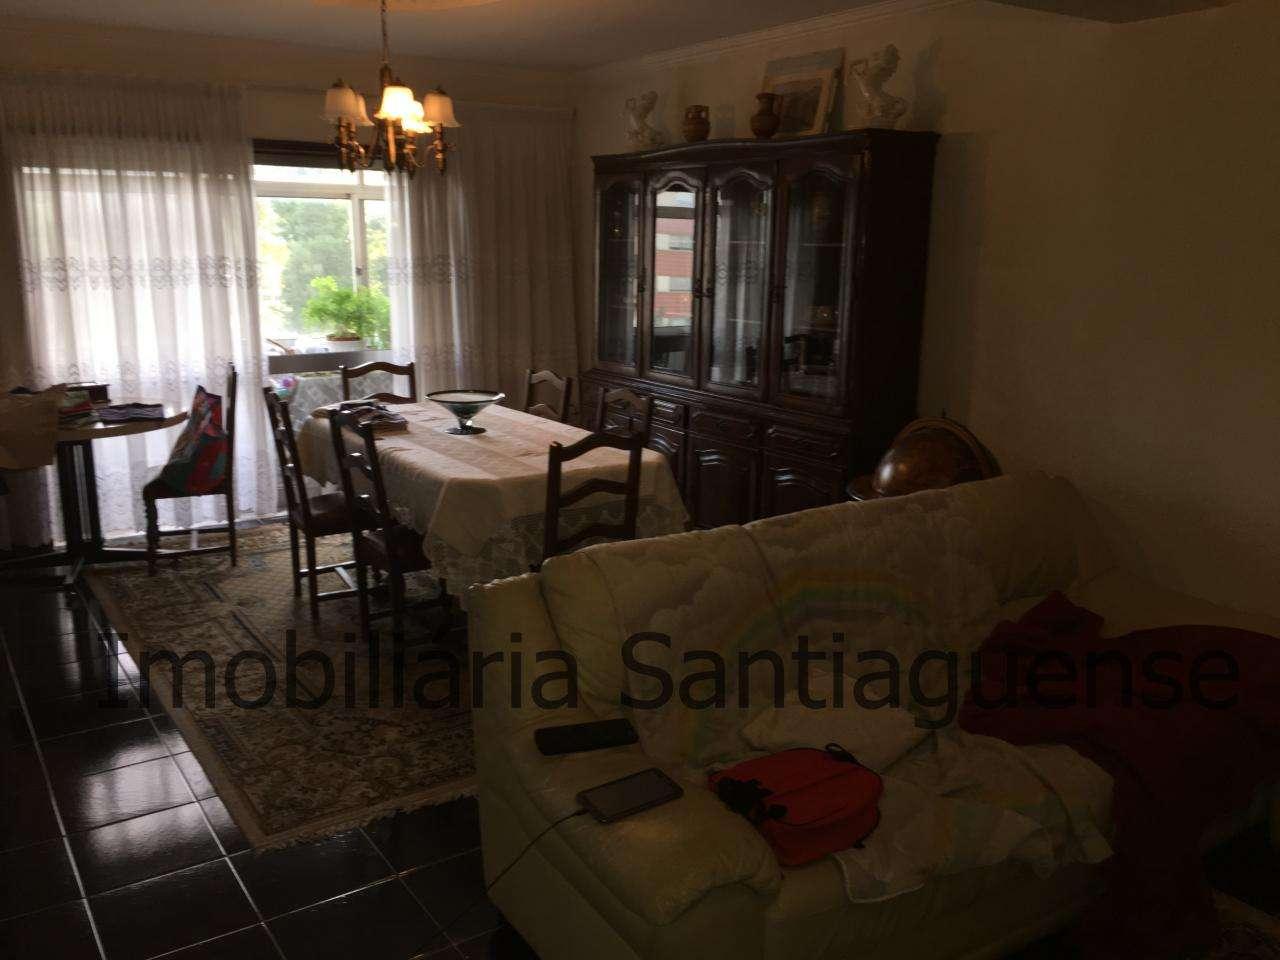 Apartamento para comprar, S. João da Madeira, São João da Madeira, Aveiro - Foto 3